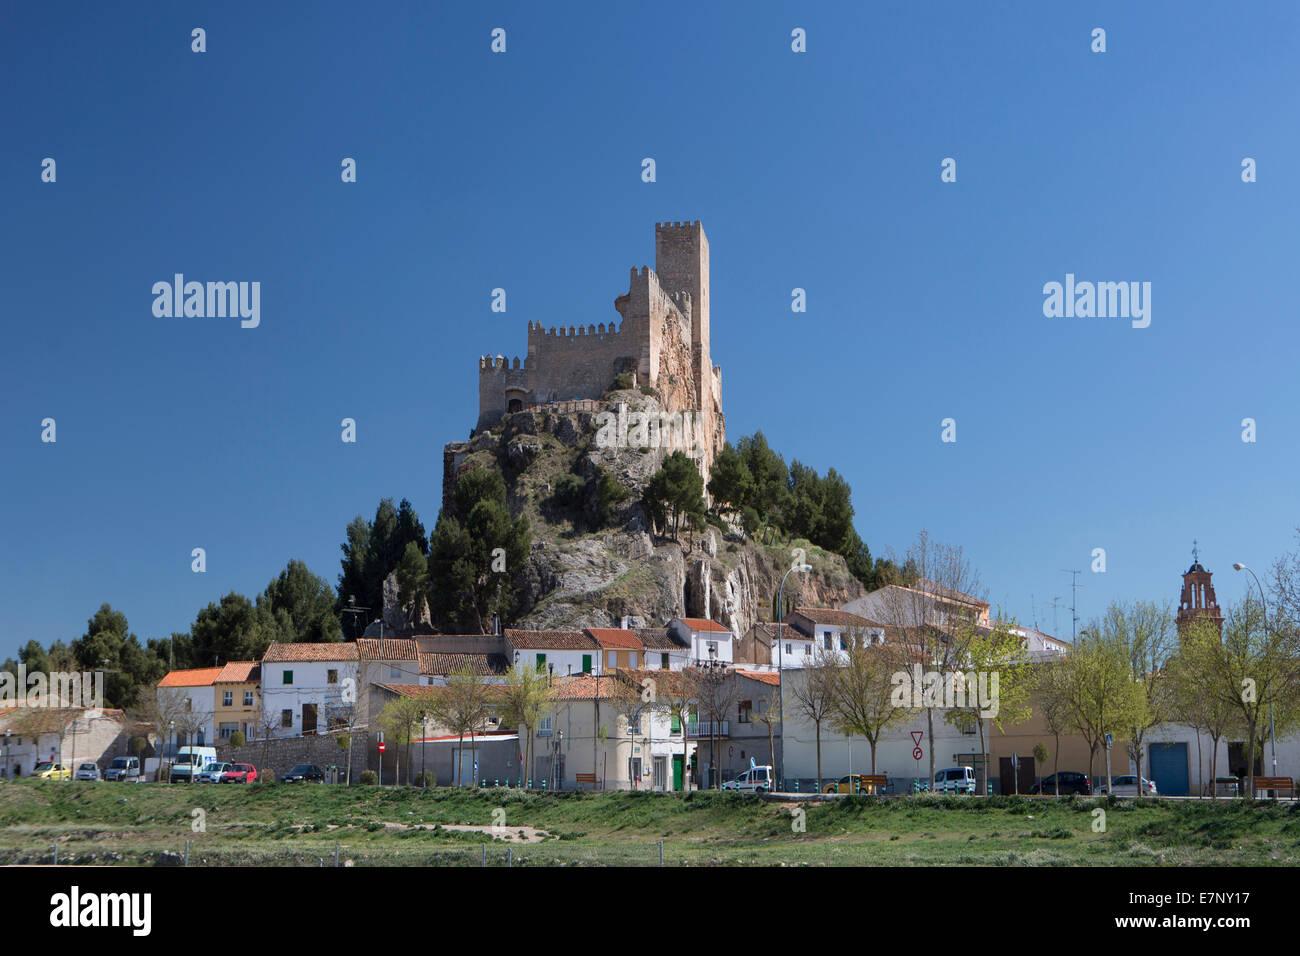 Albacete, Almansa, Castile, Castle, City, Spain, Europe, architecture, history, la Mancha, skyline, tourism, travel - Stock Image